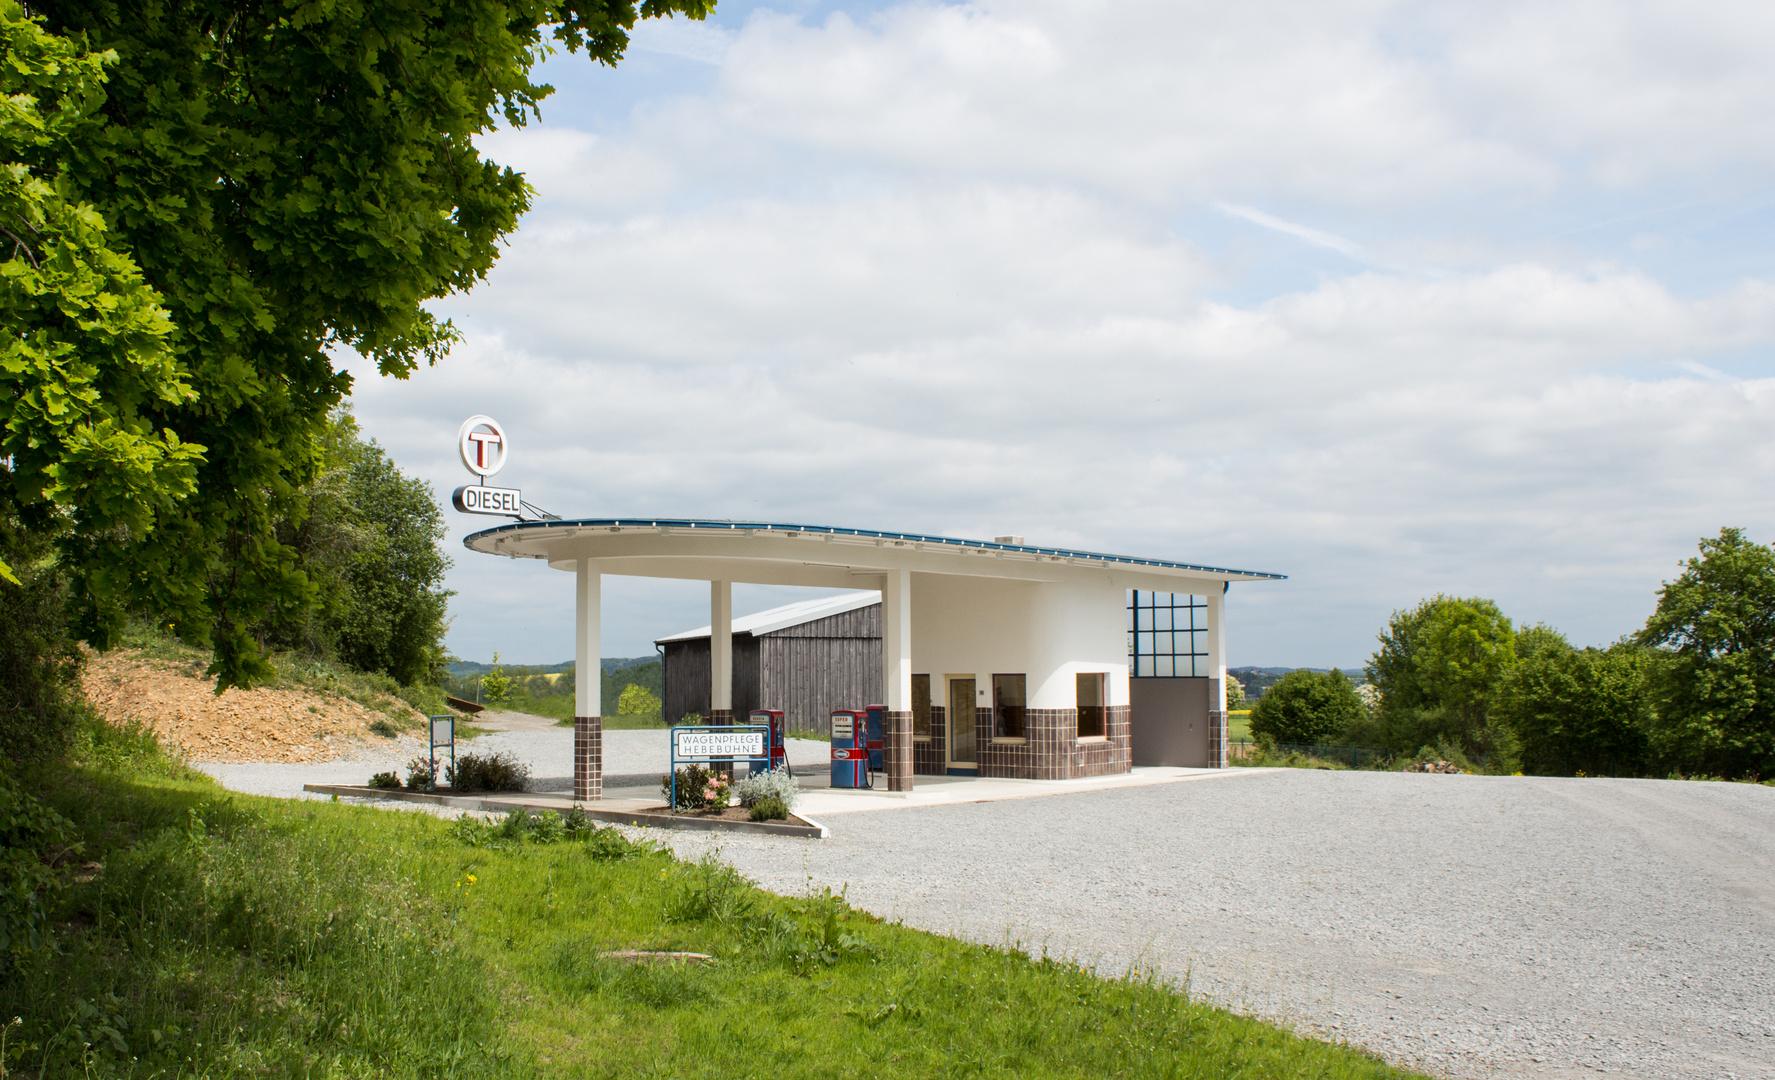 Historische Tankstelle im Freilichtmuseum Detmold